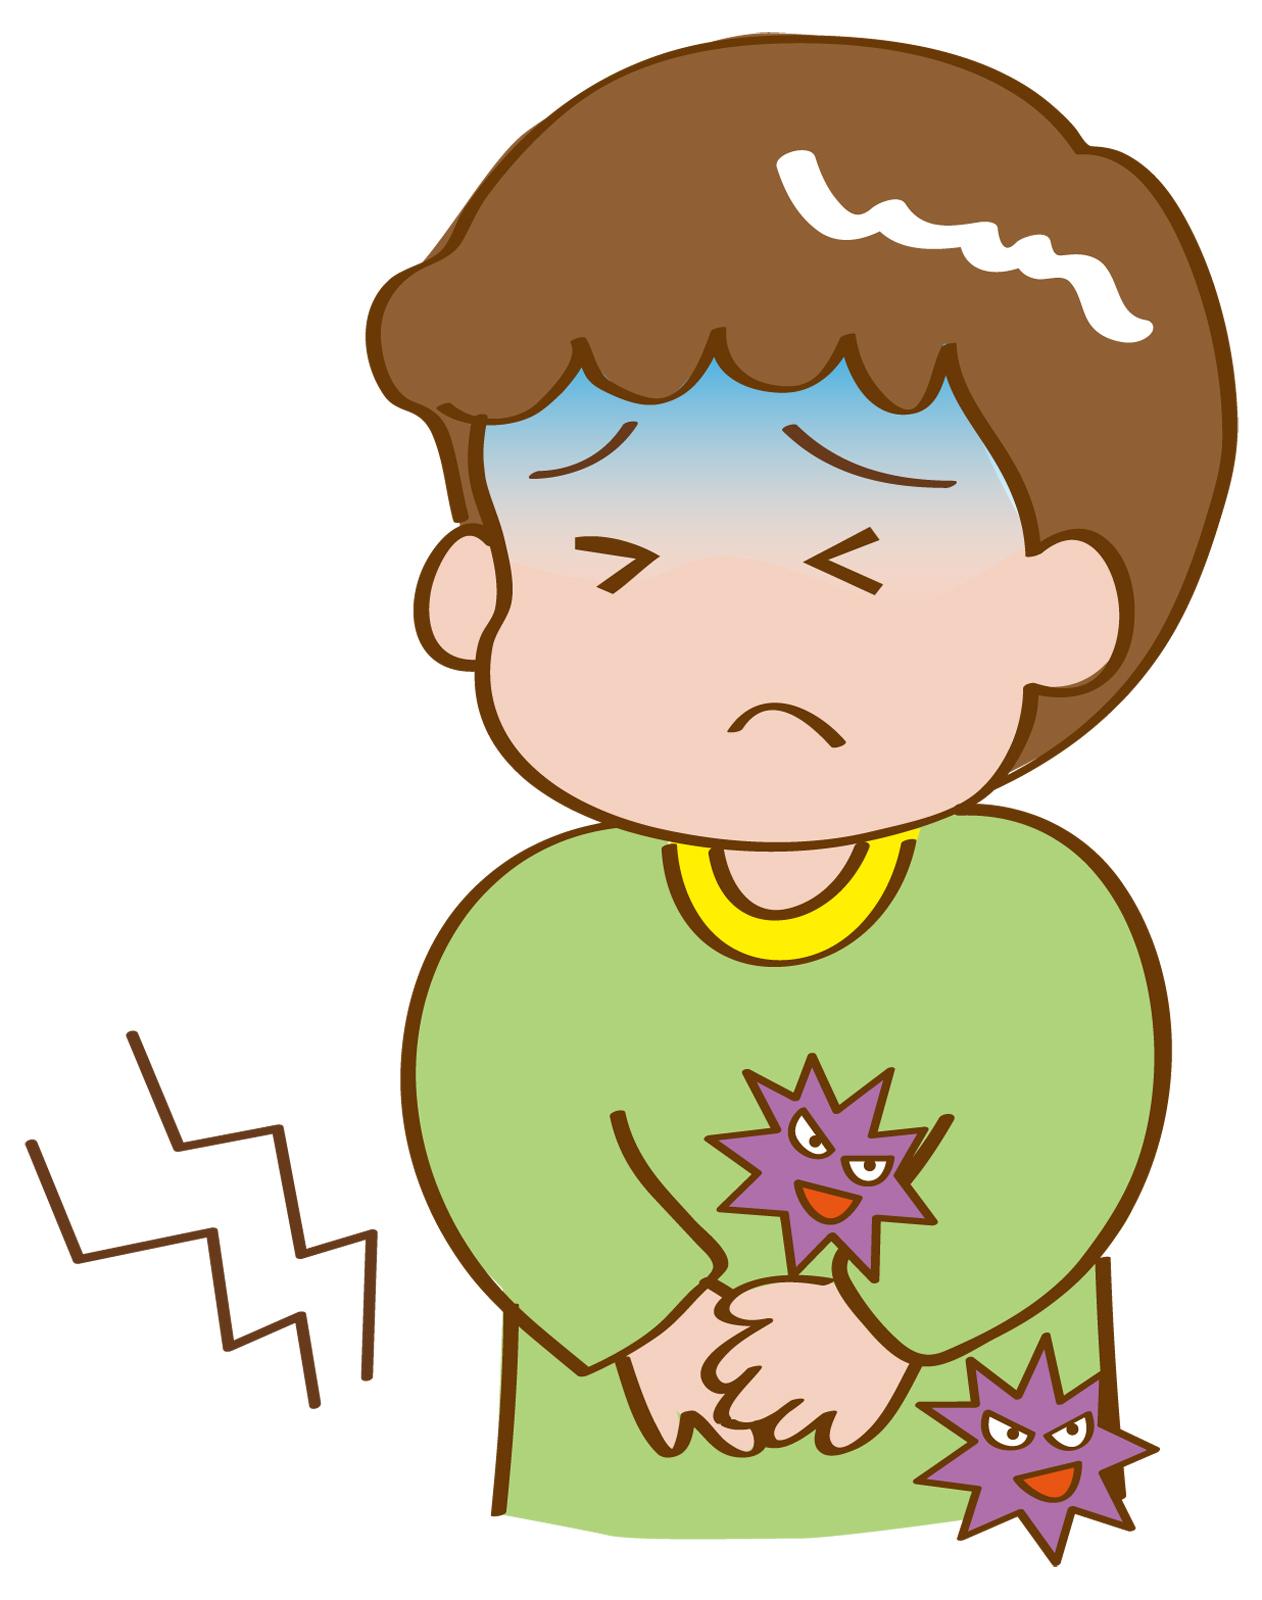 ロタウイルス,潜伏期間,症状,通園